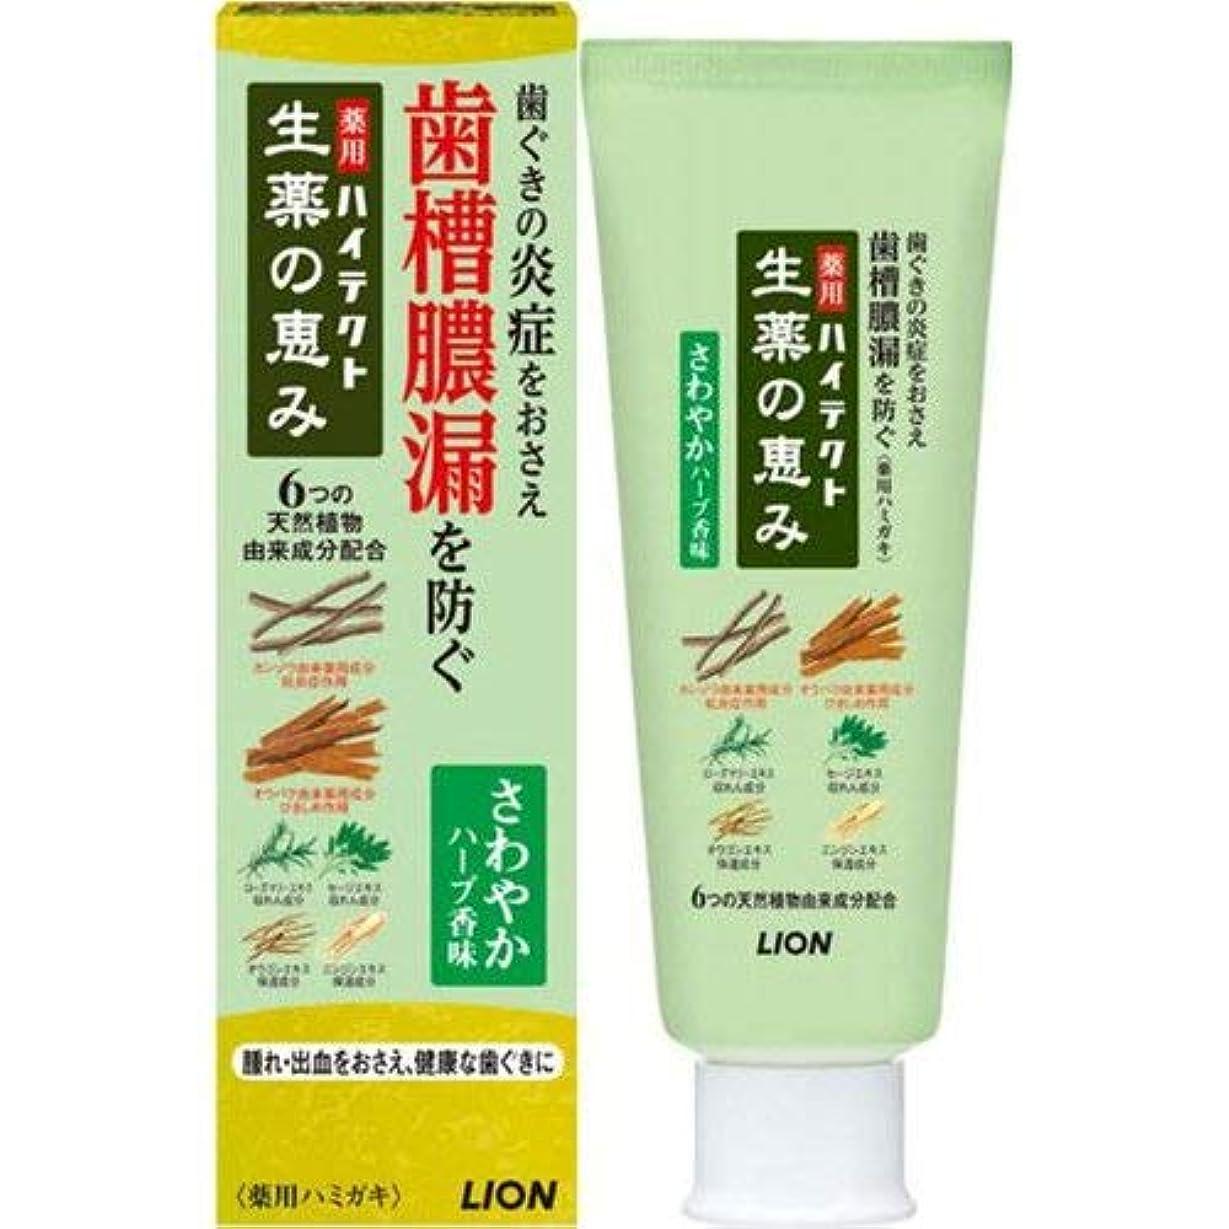 内なるフリル責め【ライオン】ハイテクト 生薬の恵み さわやかハーブ香味90g×5個セット